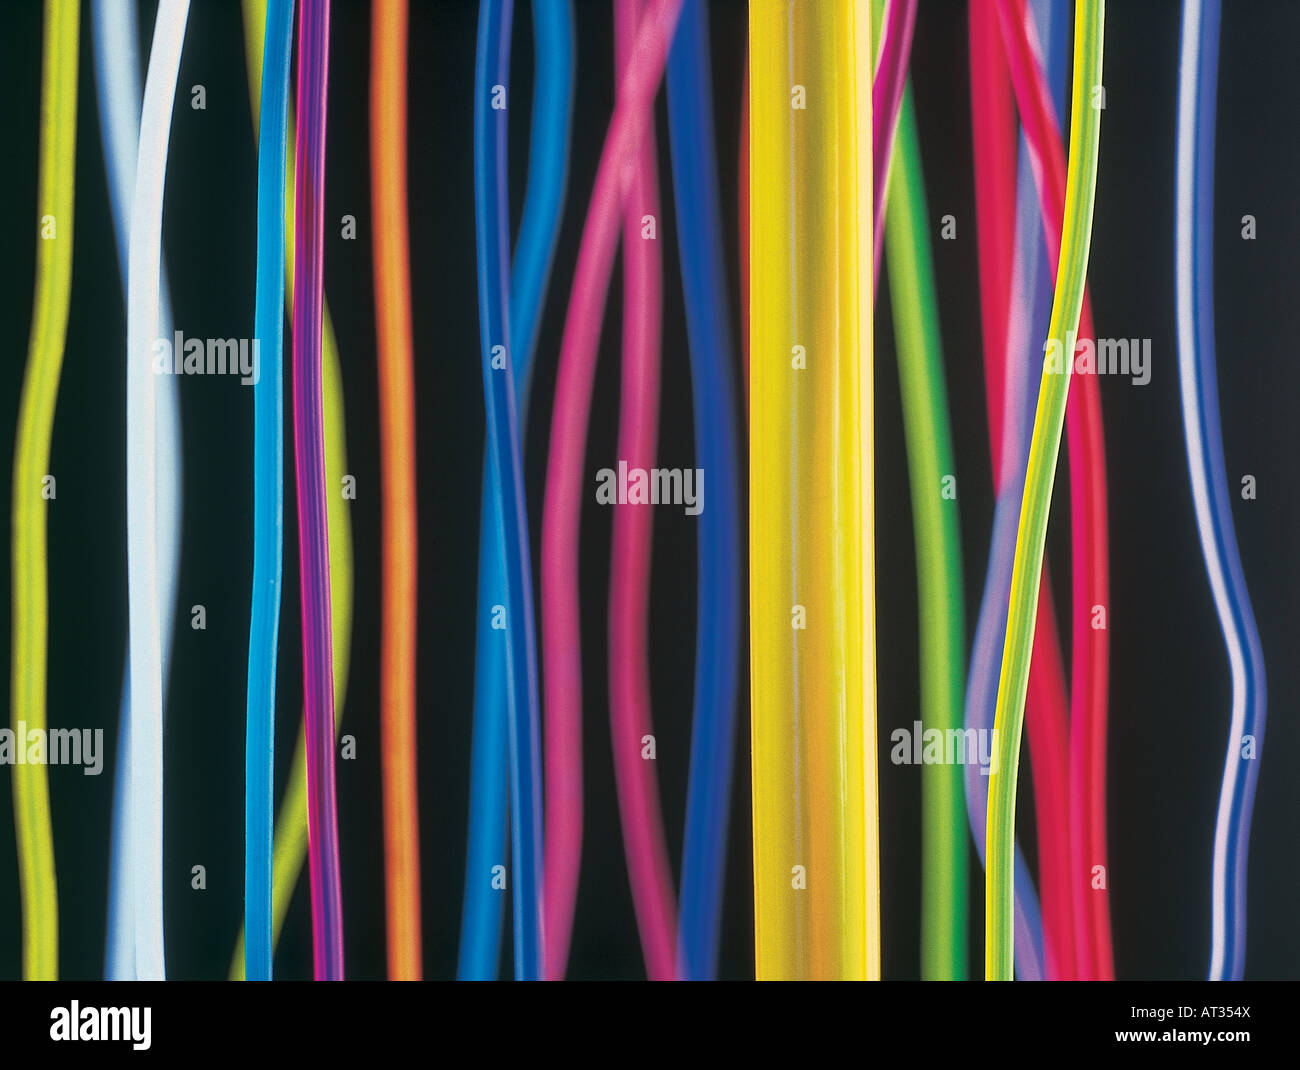 Image abstraite de câbles de couleur Photo Stock